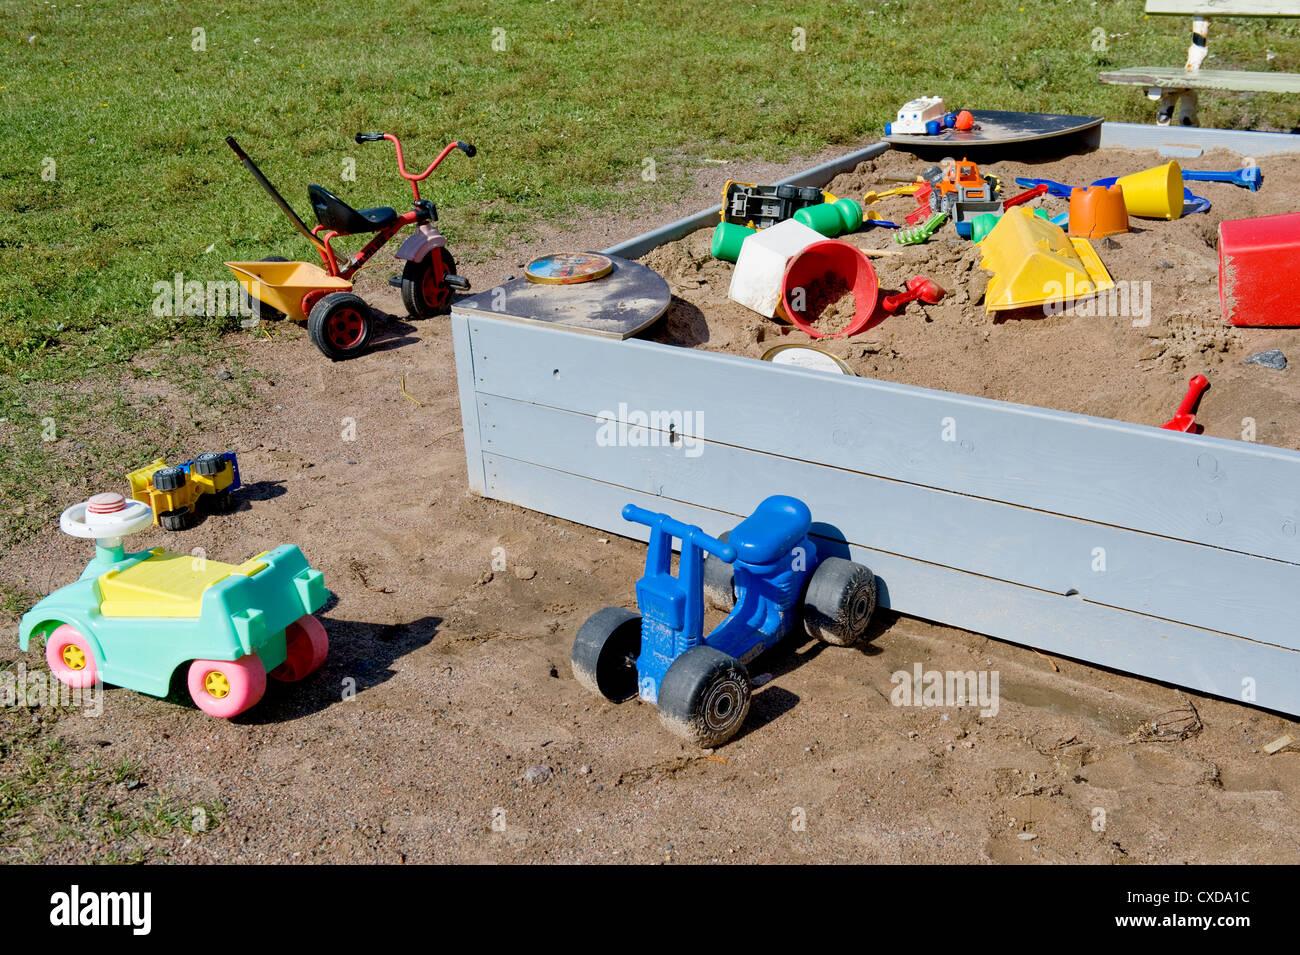 Suchergebnis auf für: sandkasten spielzeug: Spielzeug